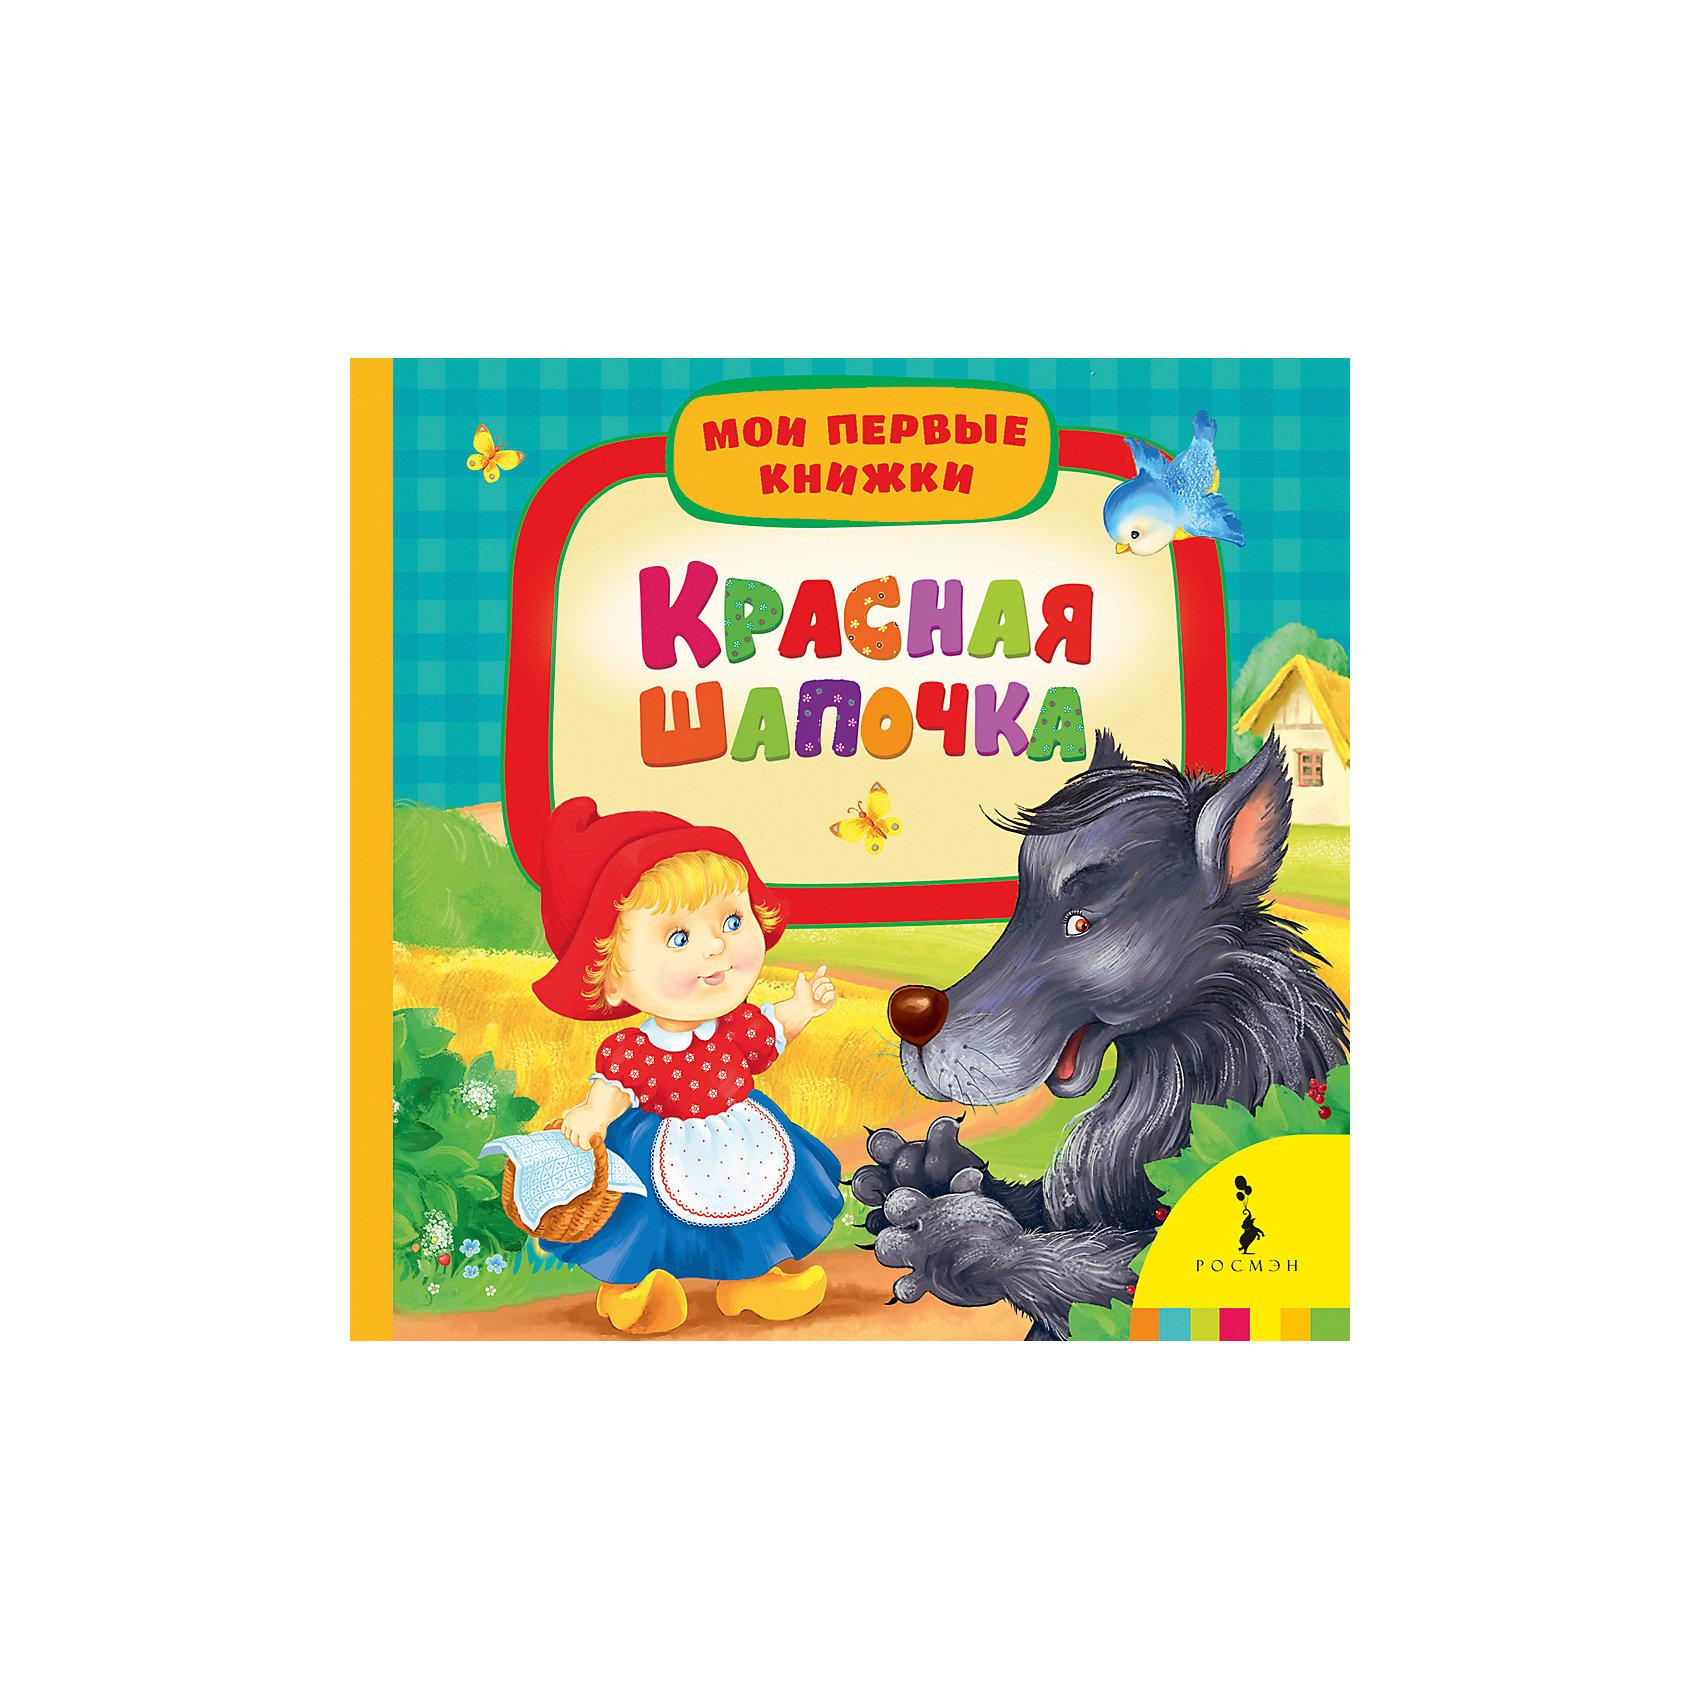 Красная шапочка (Мои первые книжкиРусские сказки<br>Характеристики товара:<br><br>- цвет: разноцветный;<br>- материал: бумага;<br>- страниц: 14;<br>- формат: 17 х 17 см;<br>- обложка: картон;<br>- для чтения детям. <br><br>Издания серии Мои первые книжки - отличный способ занять ребенка! Эта красочная книга станет отличным подарком для родителей и малыша. Она содержит в себе сказки, стихи, загадки, песенки и потешки, которые так любят дети. Отличный способ привить малышу любовь к чтению!<br>Чтение и рассматривание картинок даже в юном возрасте помогает ребенку развивать память, концентрацию внимания и воображение. Издание произведено из качественных материалов, которые безопасны даже для самых маленьких.<br><br>Издание Красная шапочка (Мои первые книжки) от компании Росмэн можно купить в нашем интернет-магазине.<br><br>Ширина мм: 165<br>Глубина мм: 165<br>Высота мм: 18<br>Вес г: 305<br>Возраст от месяцев: 0<br>Возраст до месяцев: 36<br>Пол: Унисекс<br>Возраст: Детский<br>SKU: 5110083